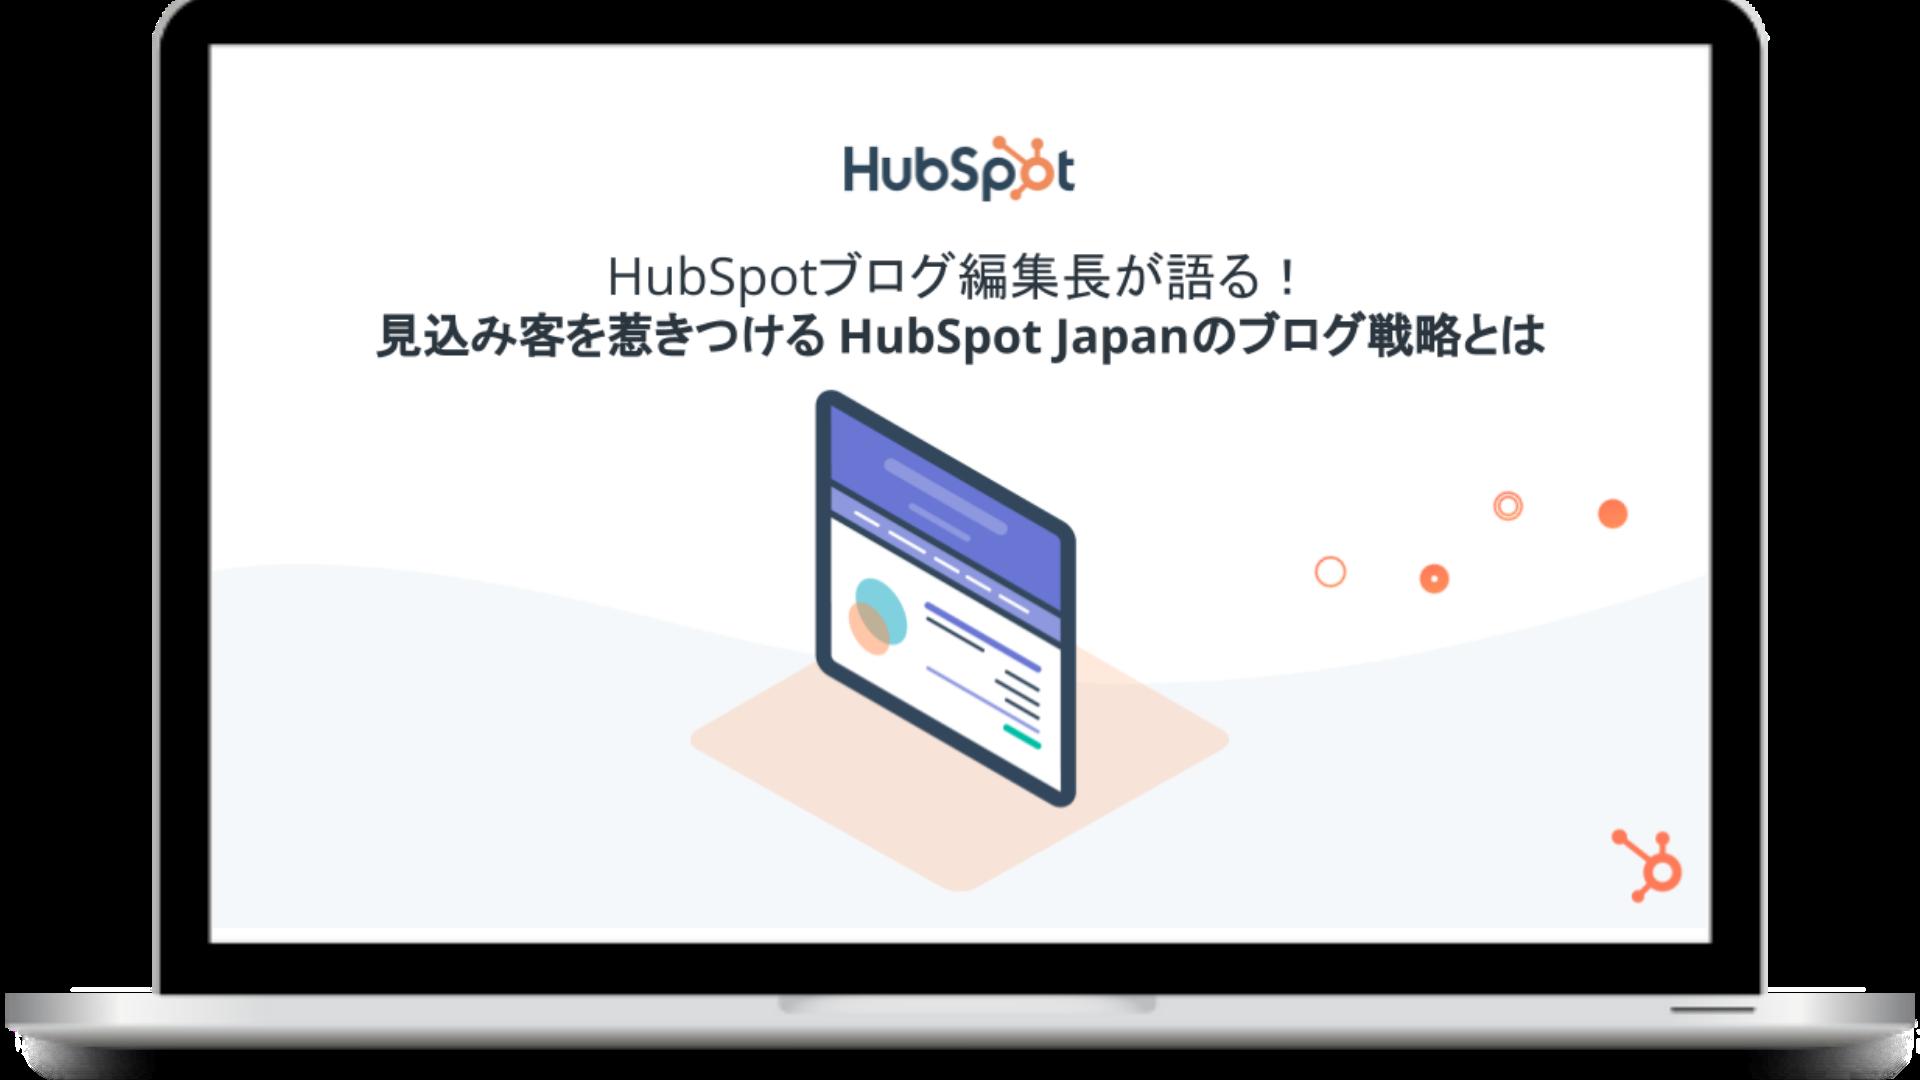 HubSpotブログ編集長が語る! 見込み客を惹きつける HubSpot Japanのブログ戦略とは-1